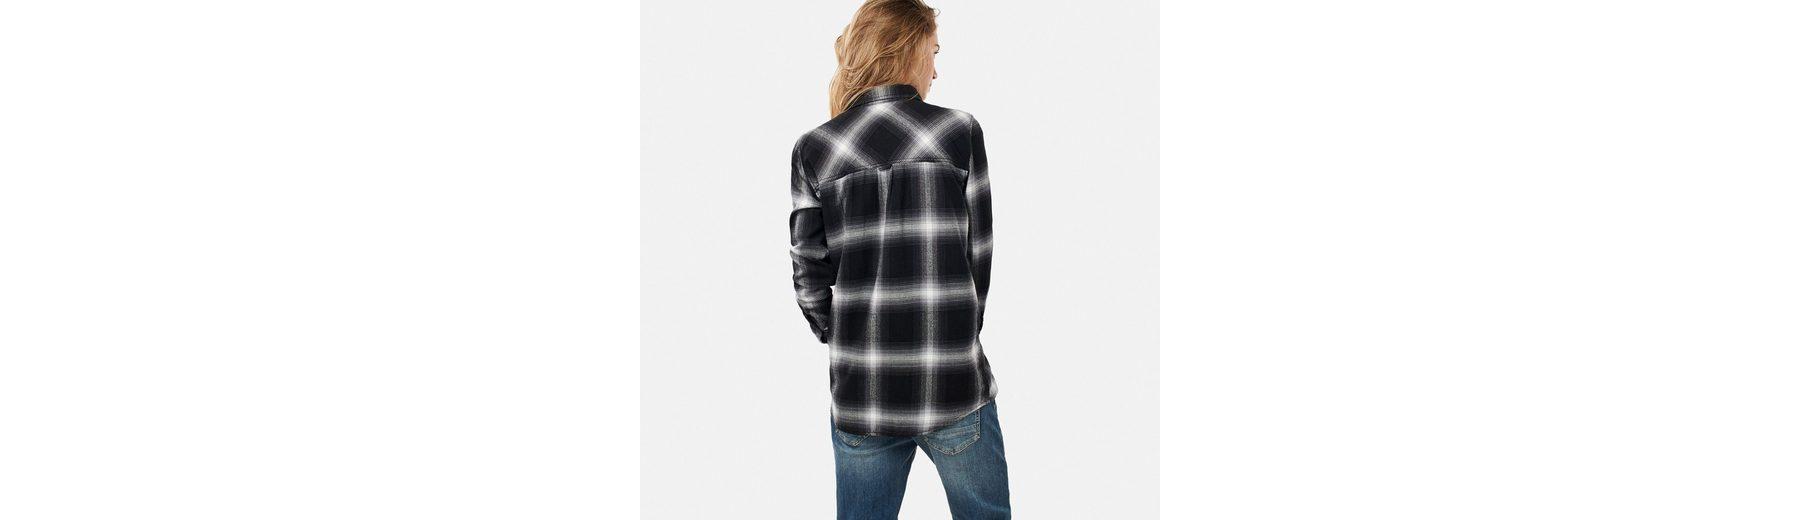 Check O'Neill lang盲rmlig Shirt O'Neill Hemd Hemd qI0nZ1xnw